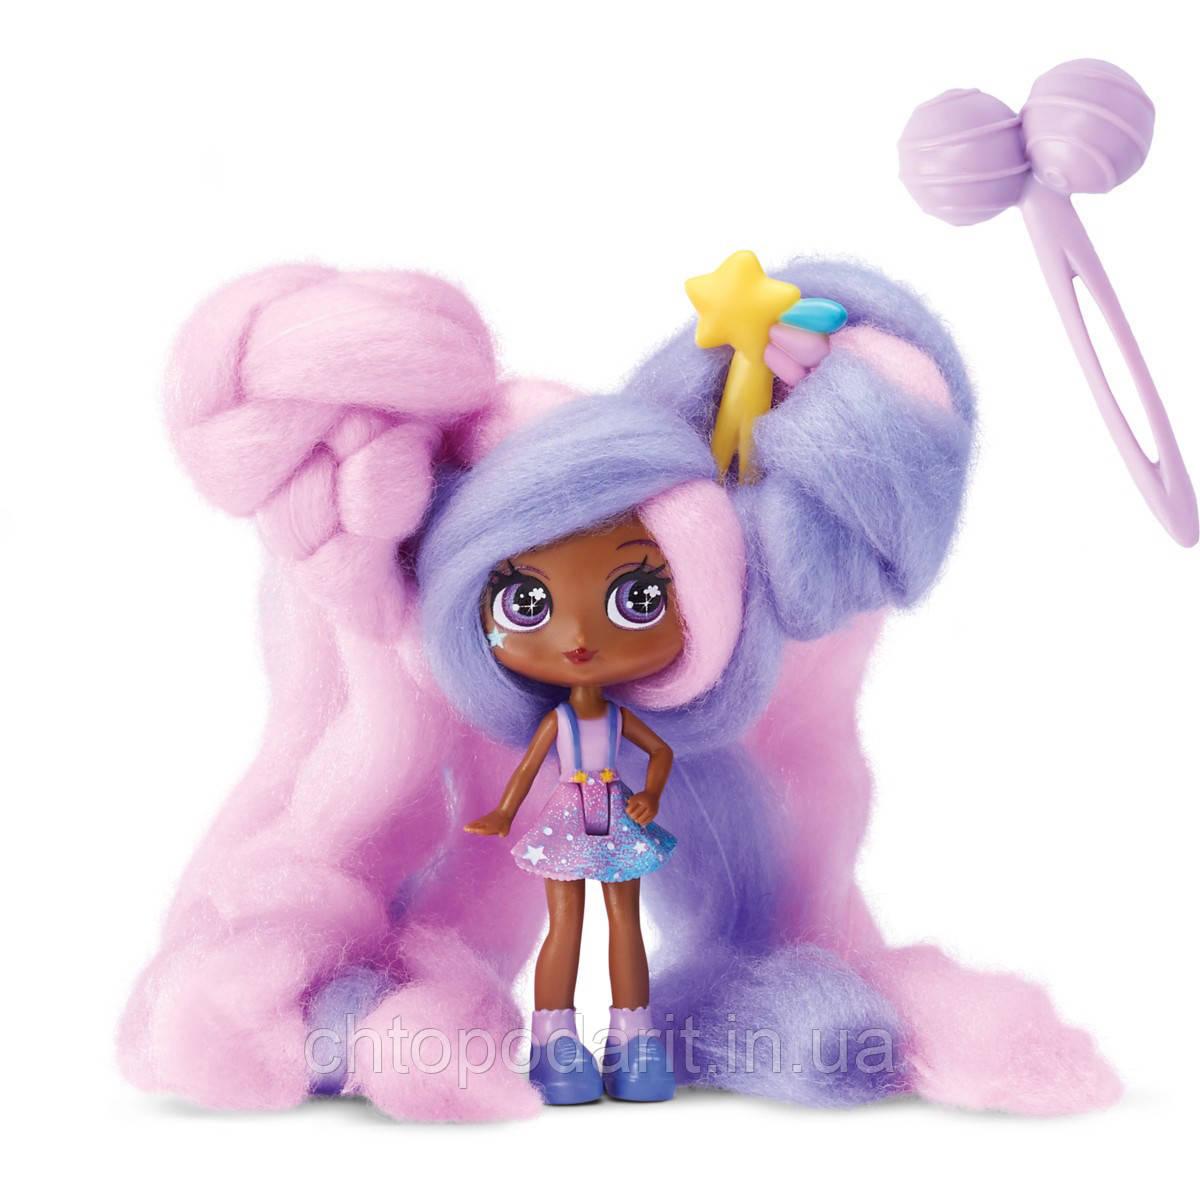 """Кукла """"Кендилукс сладкая вата"""" Candylocks с цветными волосами Код 12-2324"""